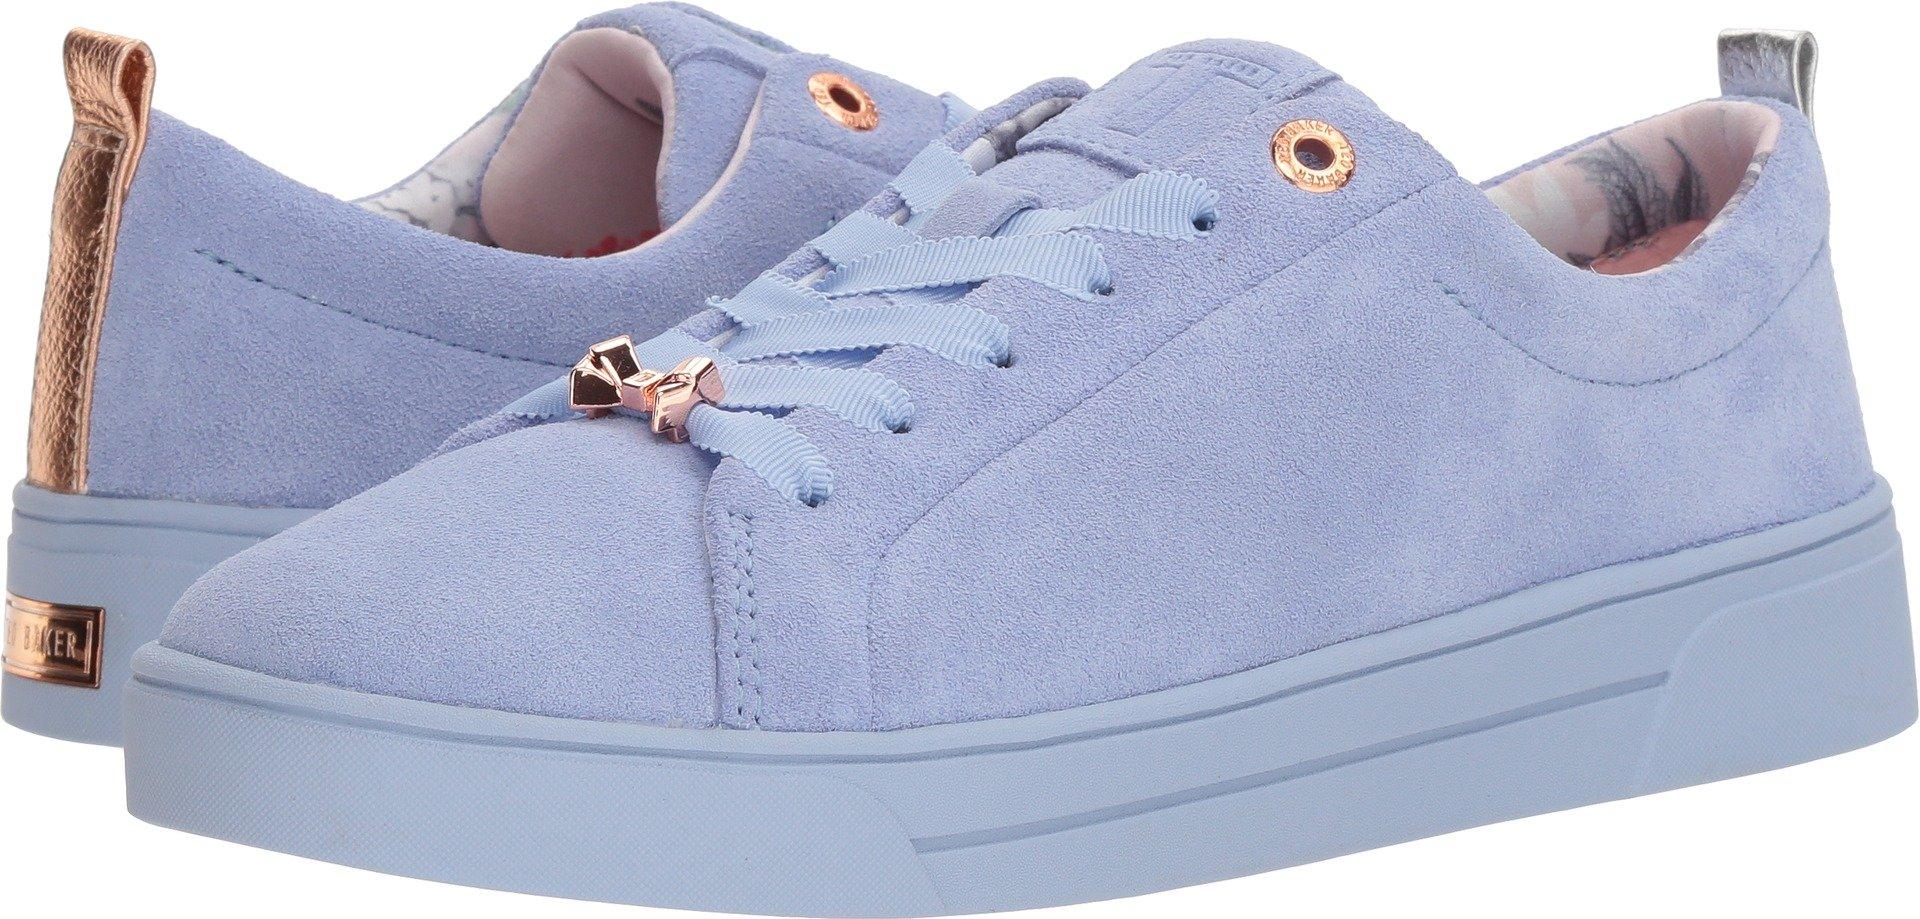 Ted Baker Women's Kellei Sneaker, Light Blue Suede, 6 Medium US